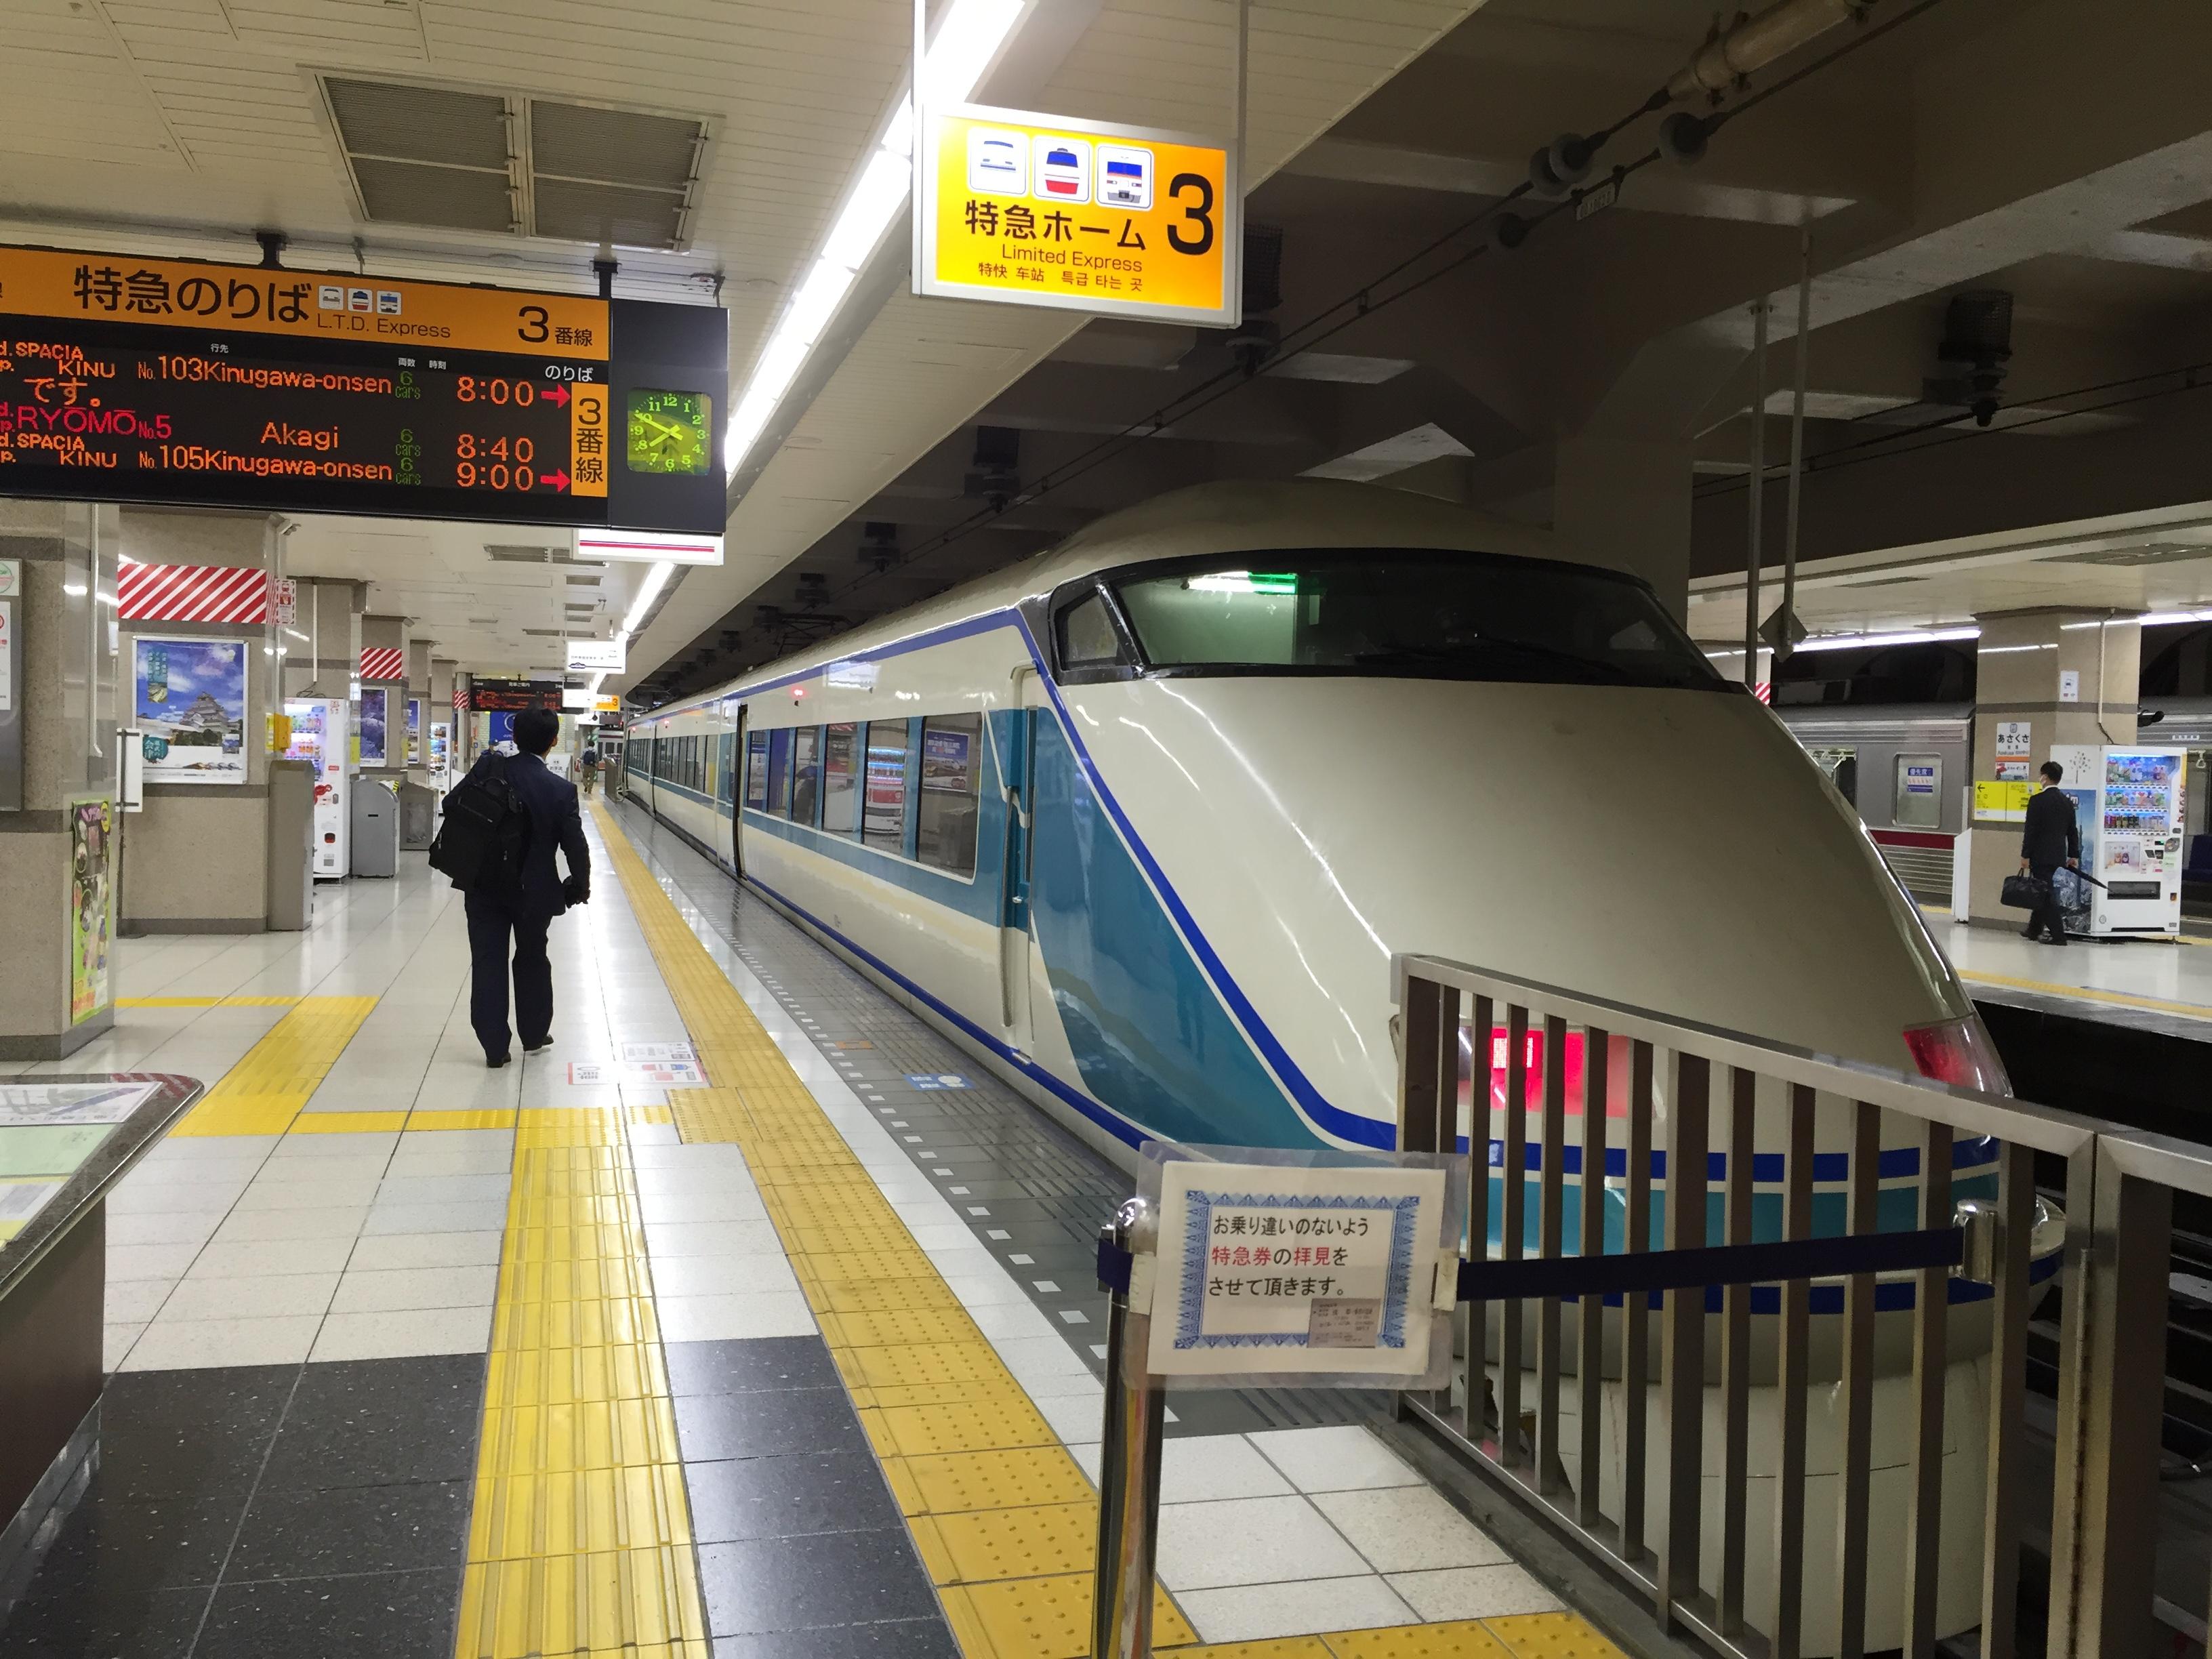 http://blogs.itmedia.co.jp/fukuyuki/a5bbbc8b0b0df44833f2a2ee7360a5d6daeb6237.jpeg